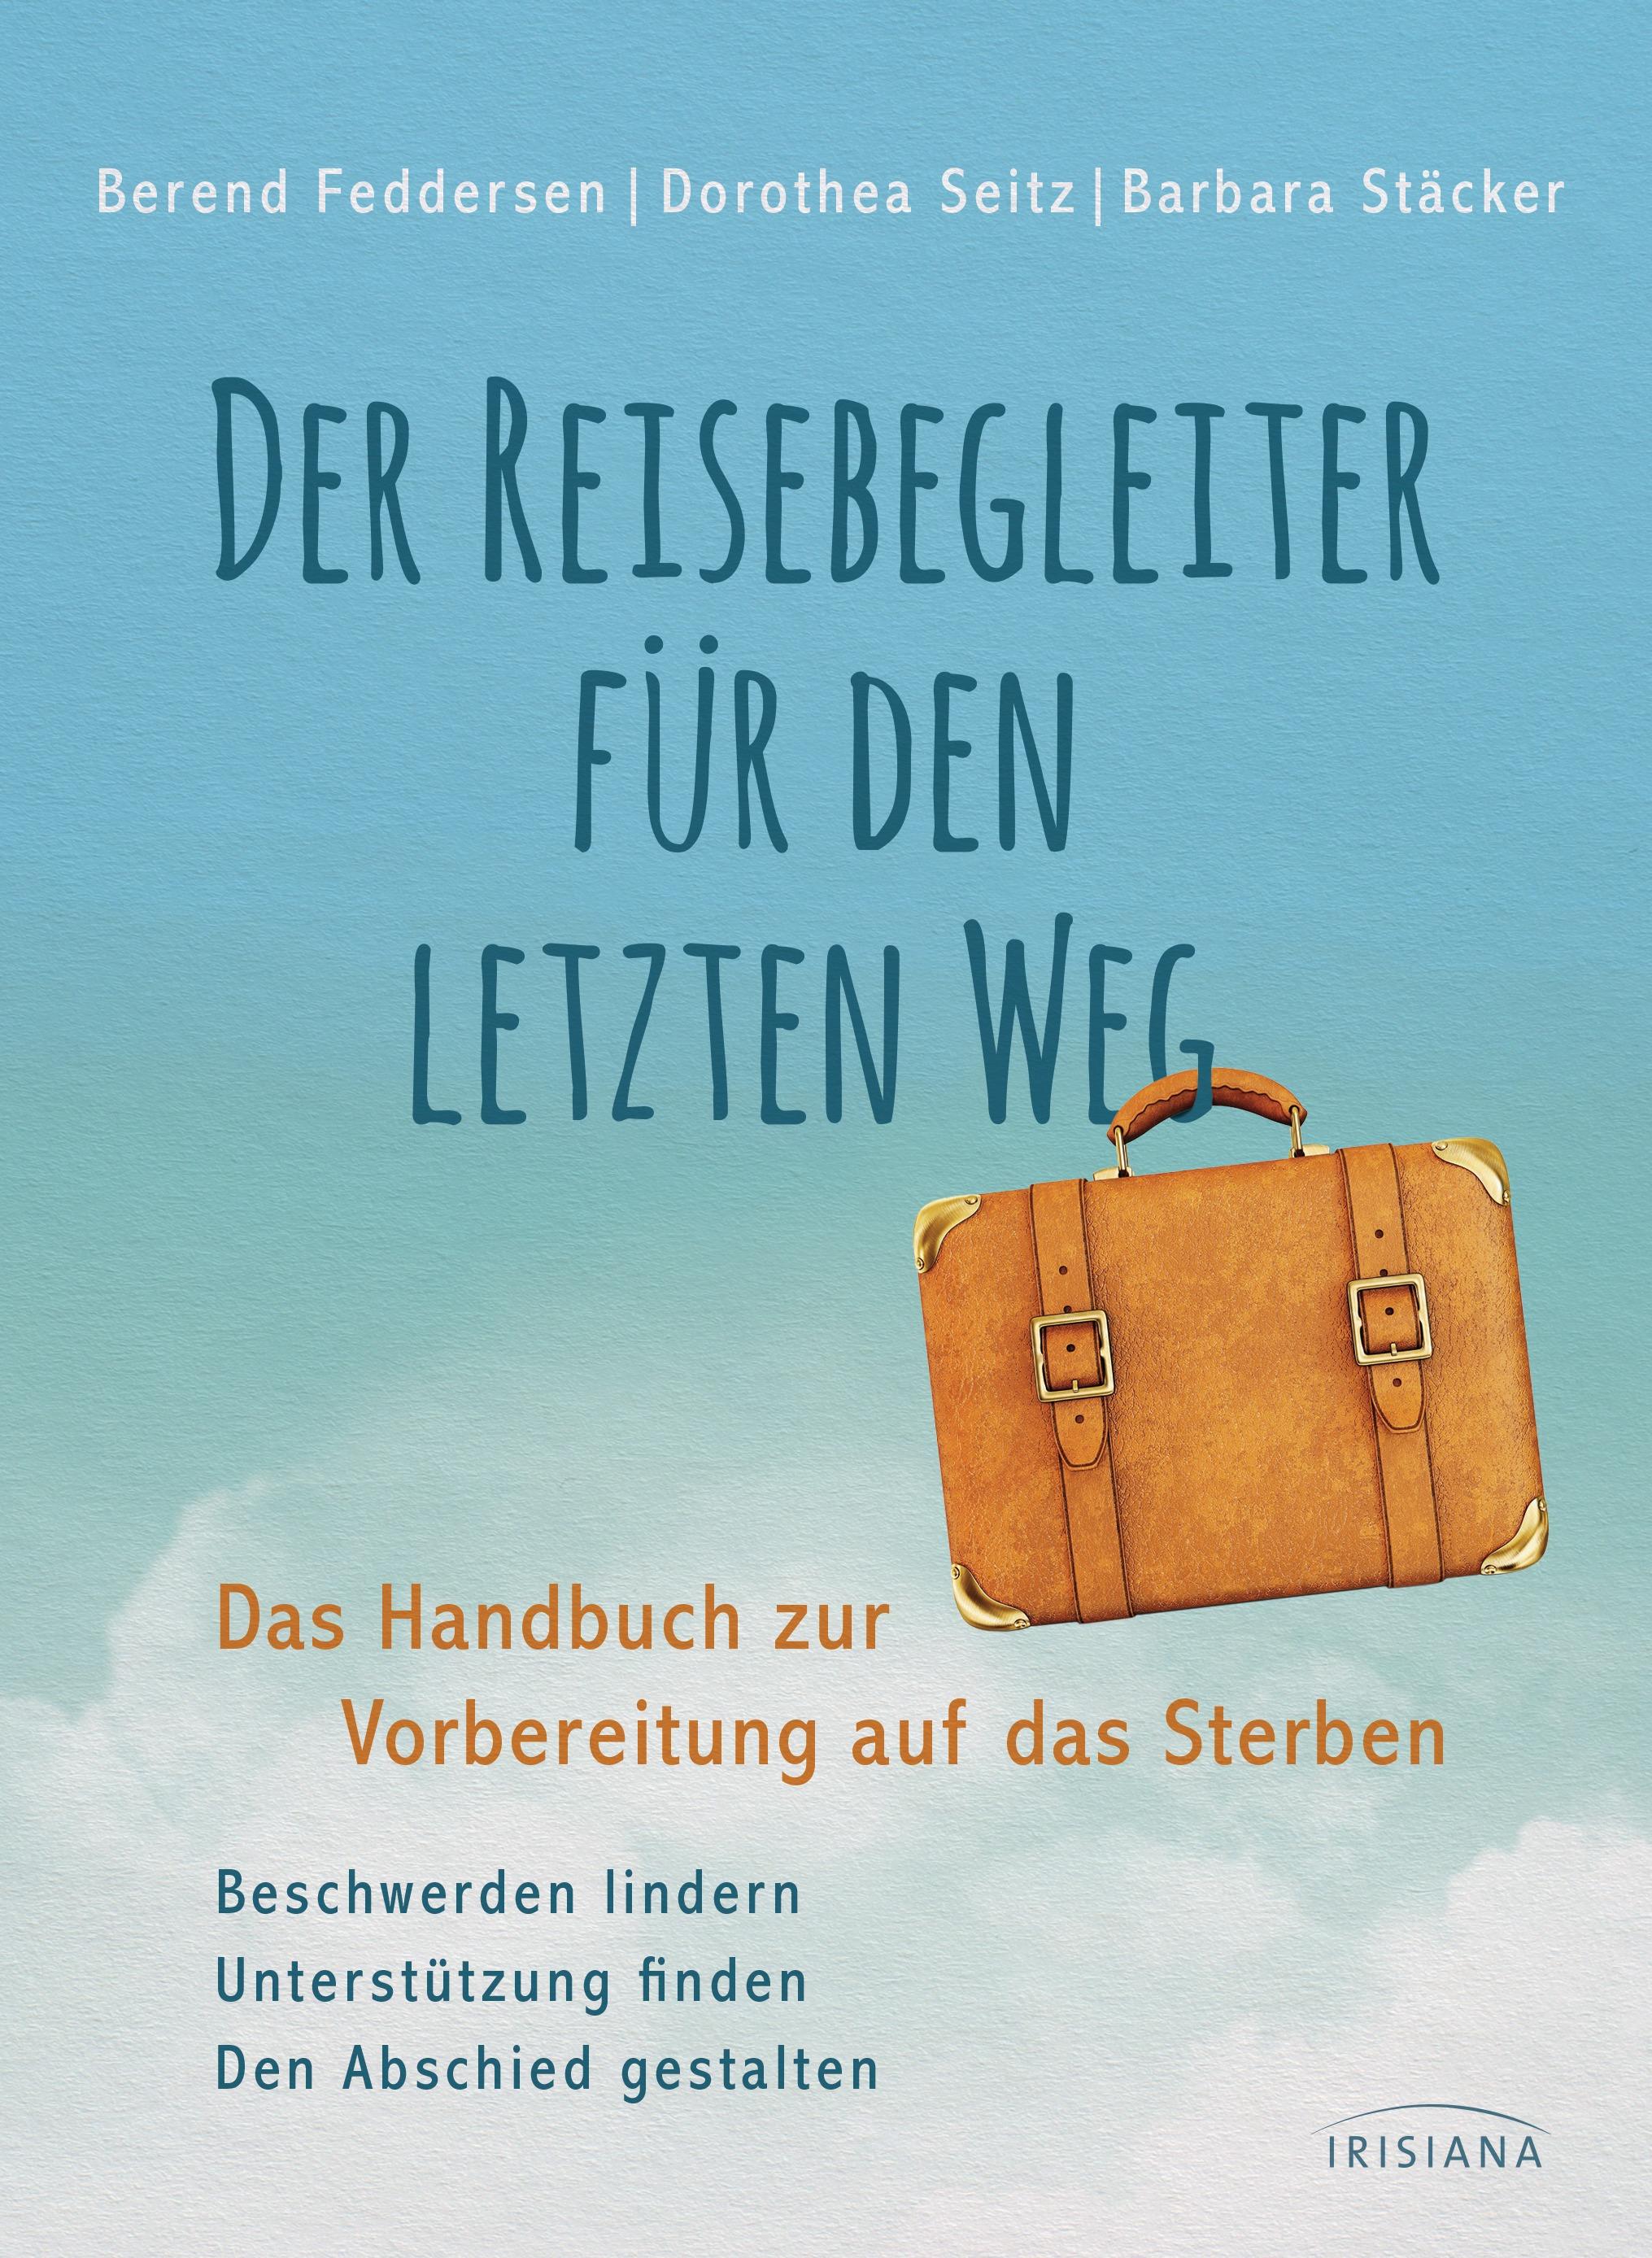 Der Reisebegleiter für den letzten Weg: Das Handbuch zur Vorbereitung auf das Sterben - Feddersen, Berend